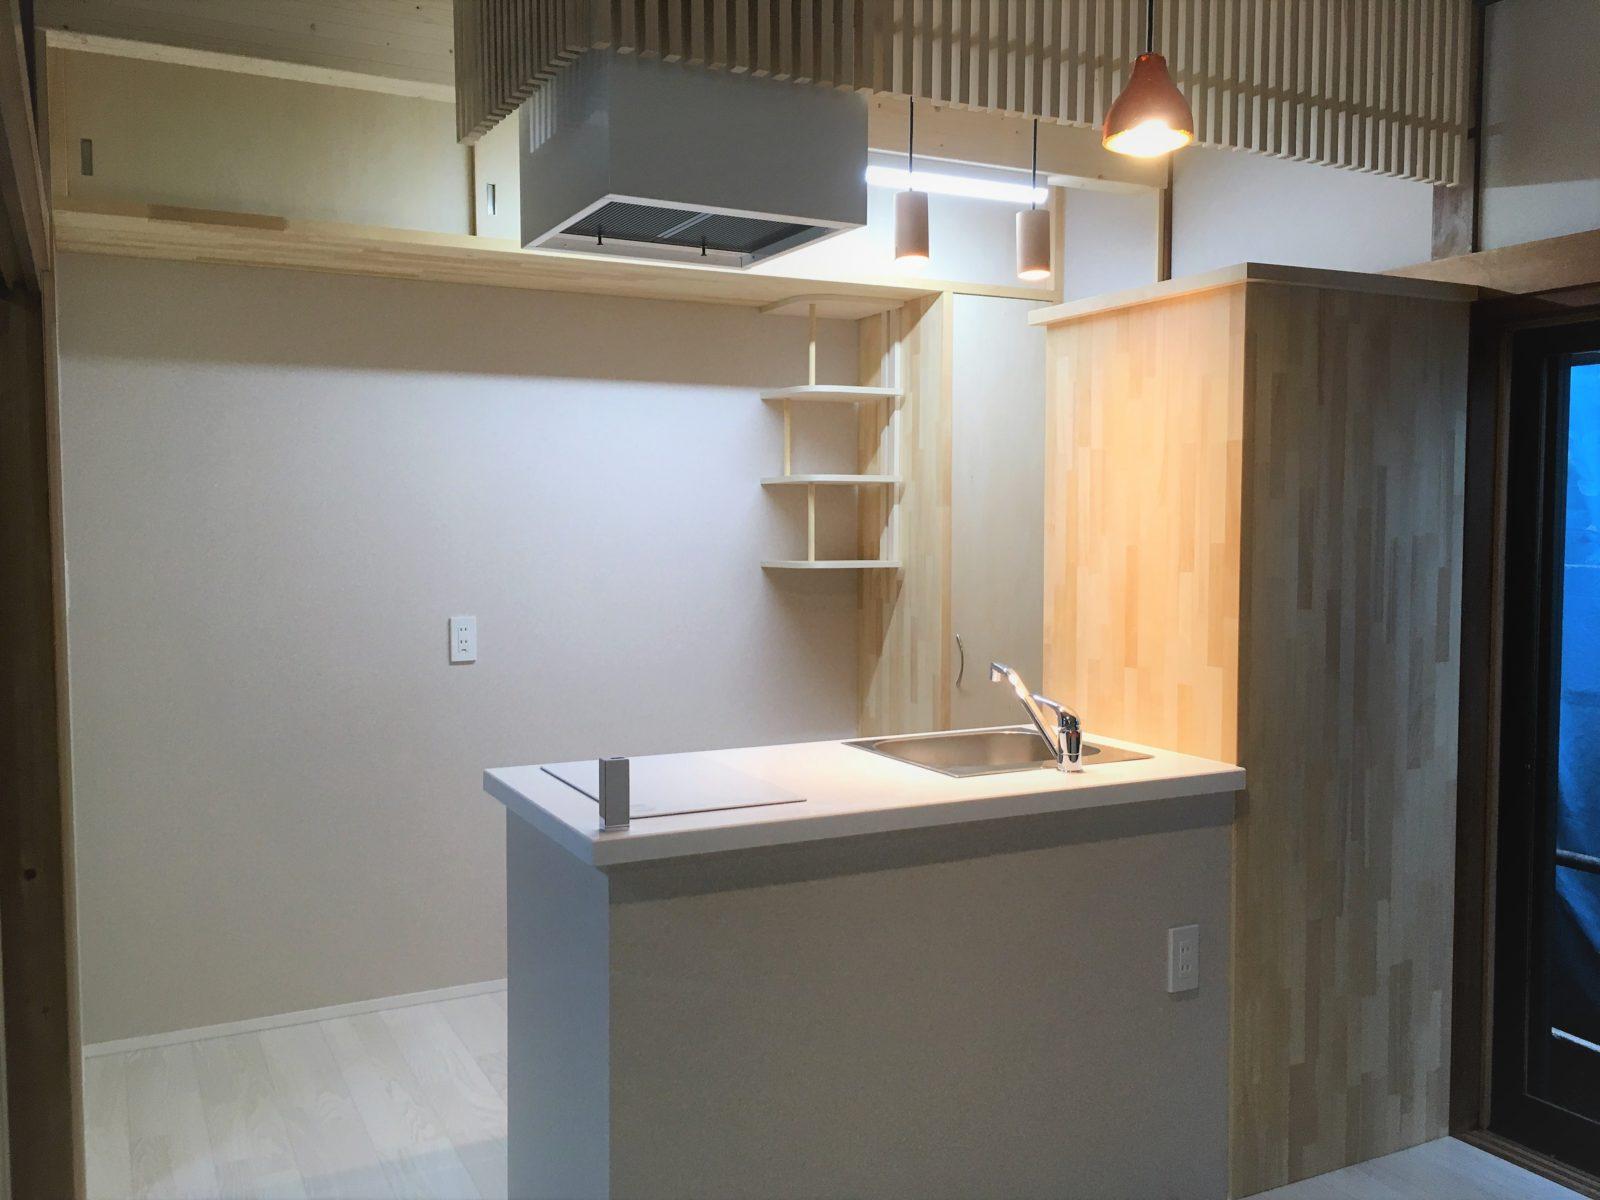 右側は冷蔵庫スペース